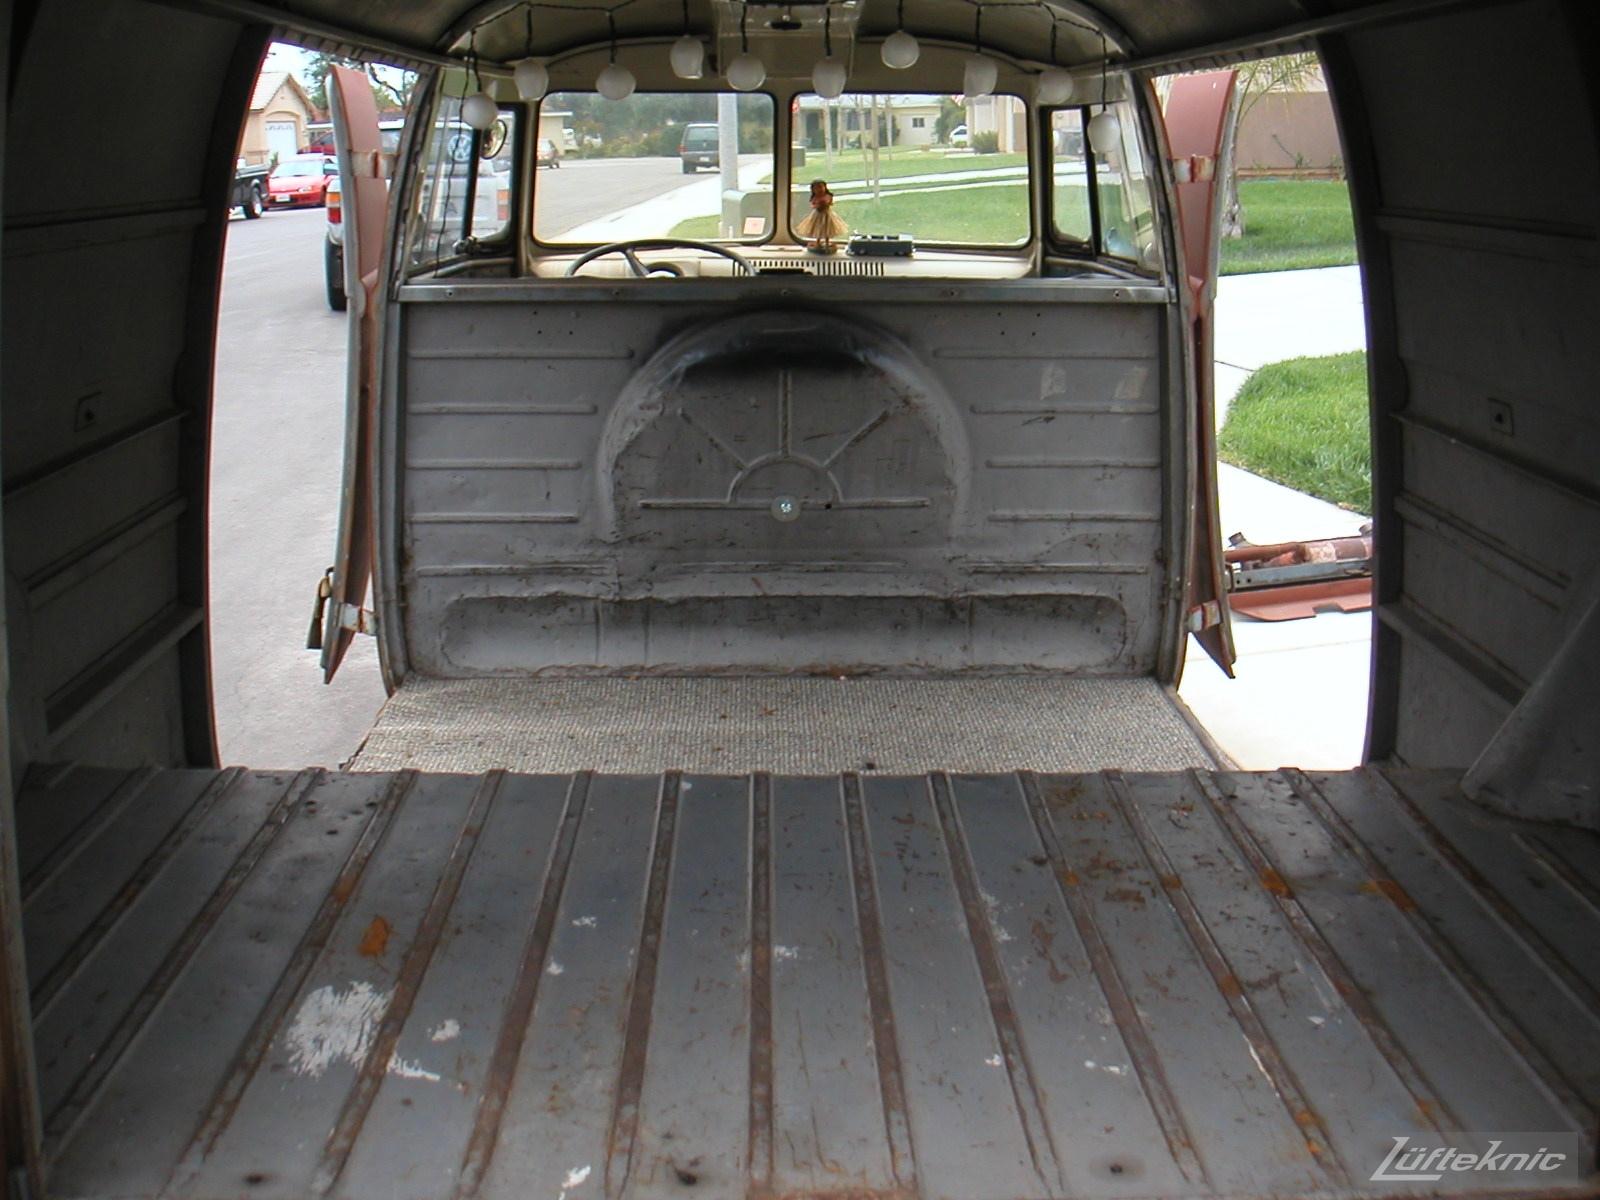 1956 Volkswagen double panel Transporter interior.